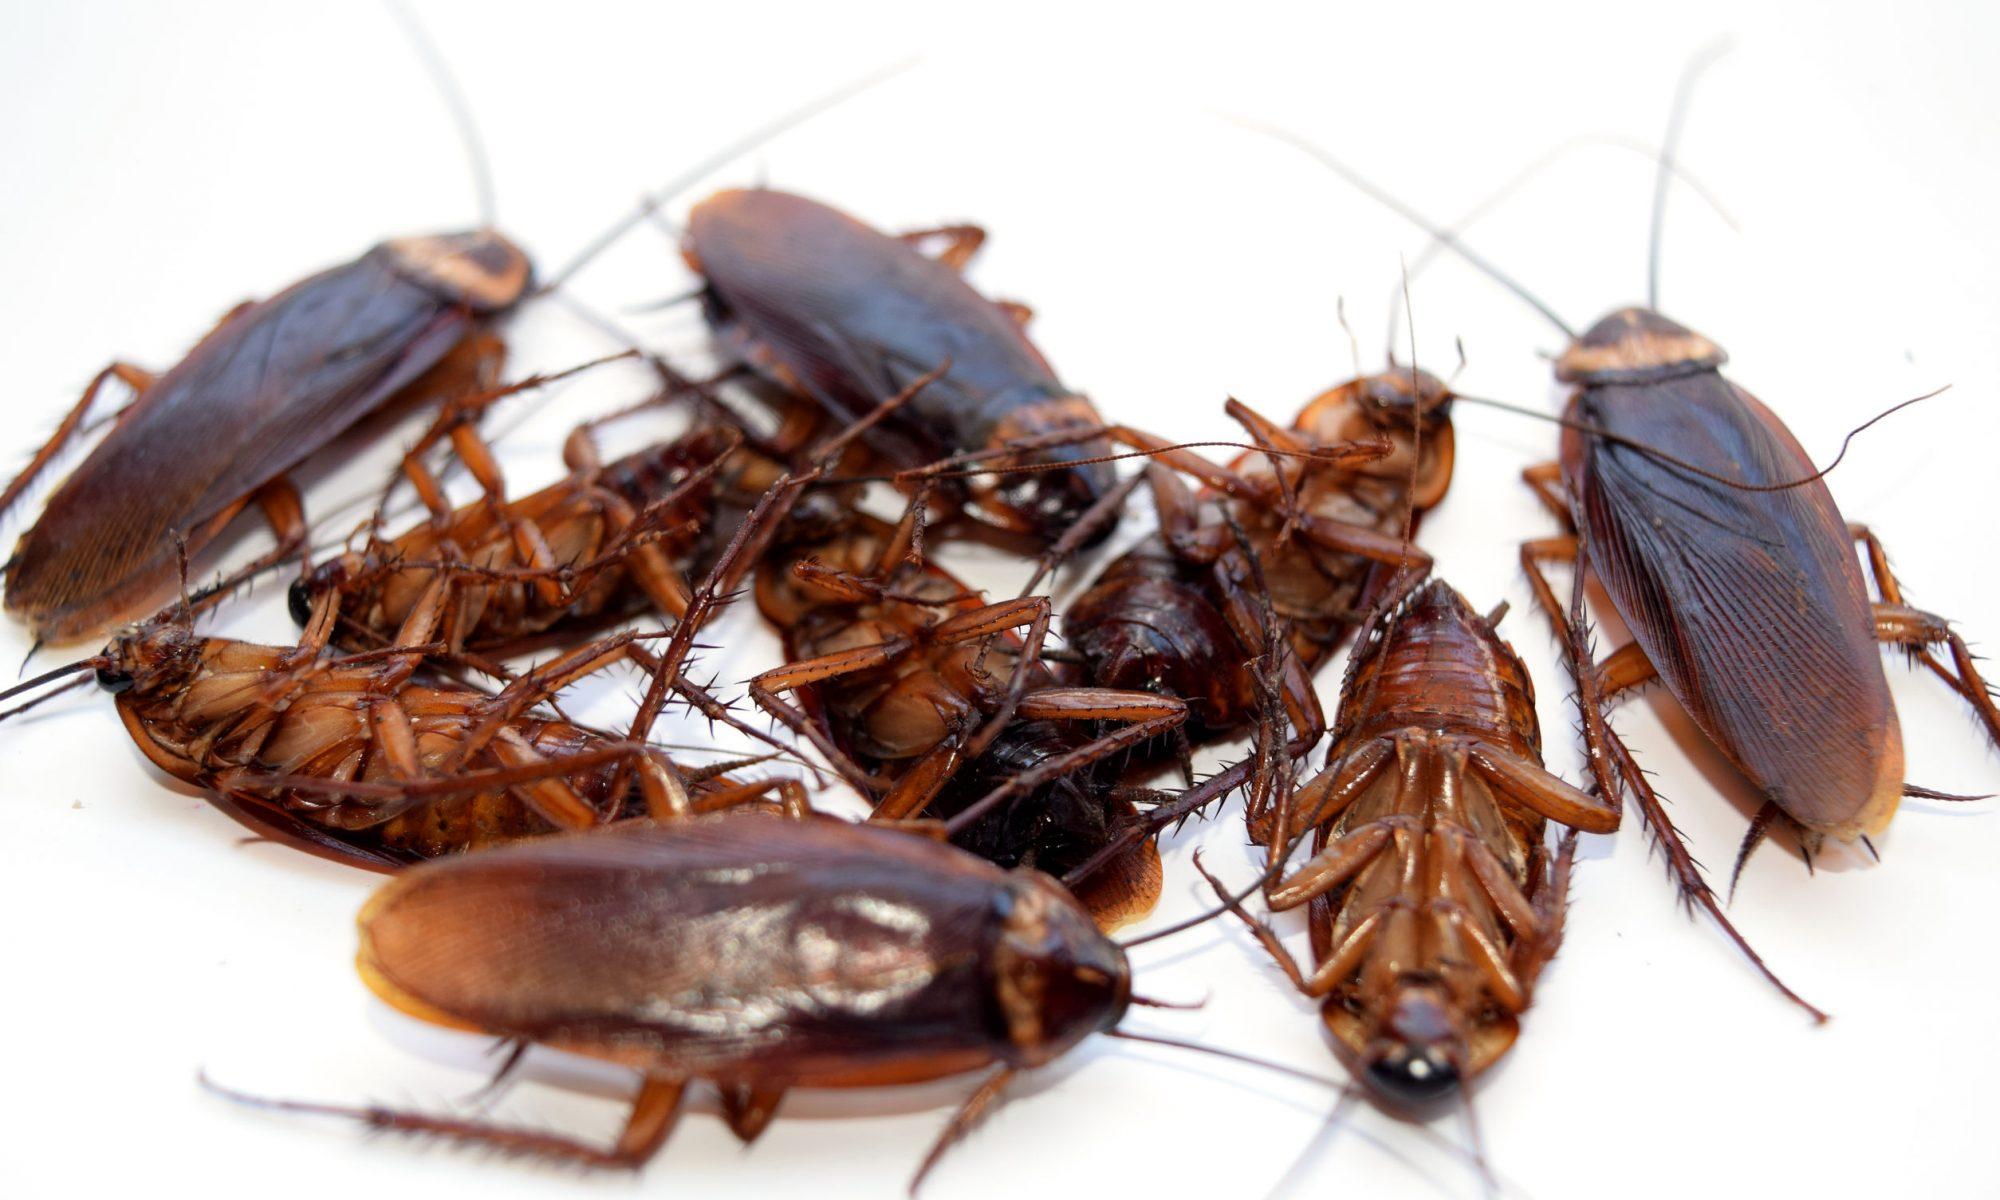 kakkerlak bestrijding